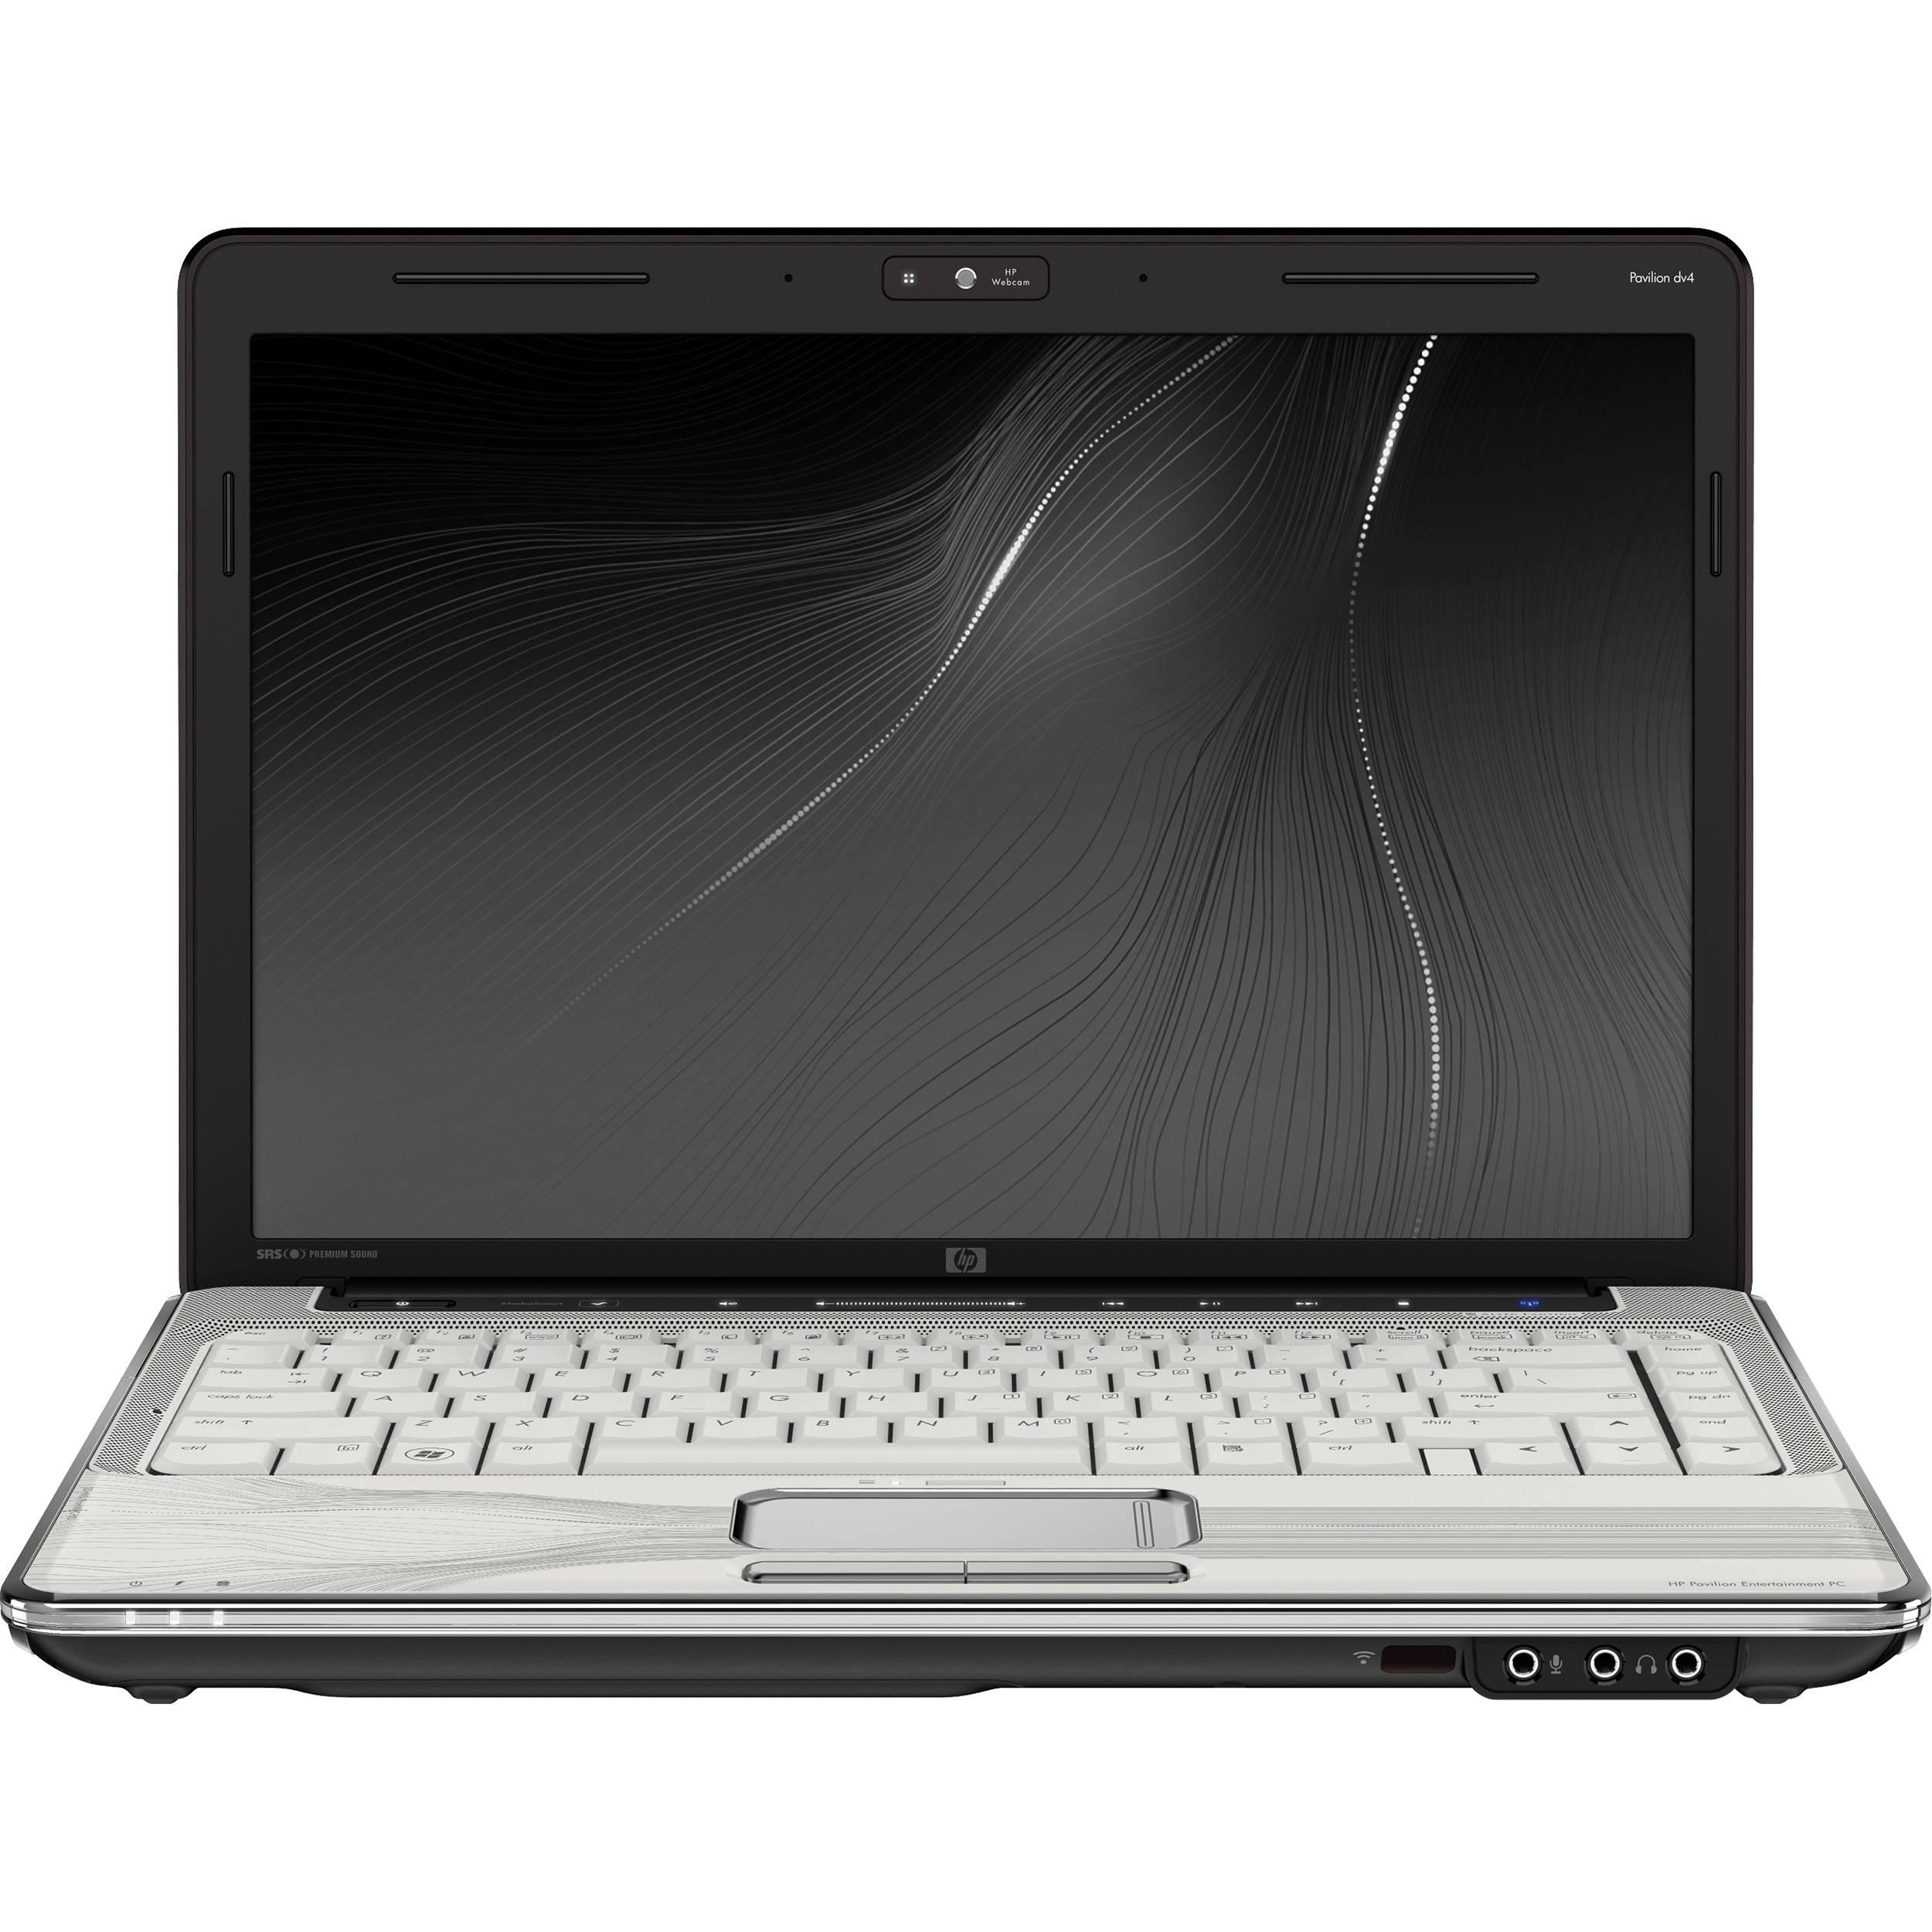 HP Pavilion dv4-1540us Entertainment Notebook Computer